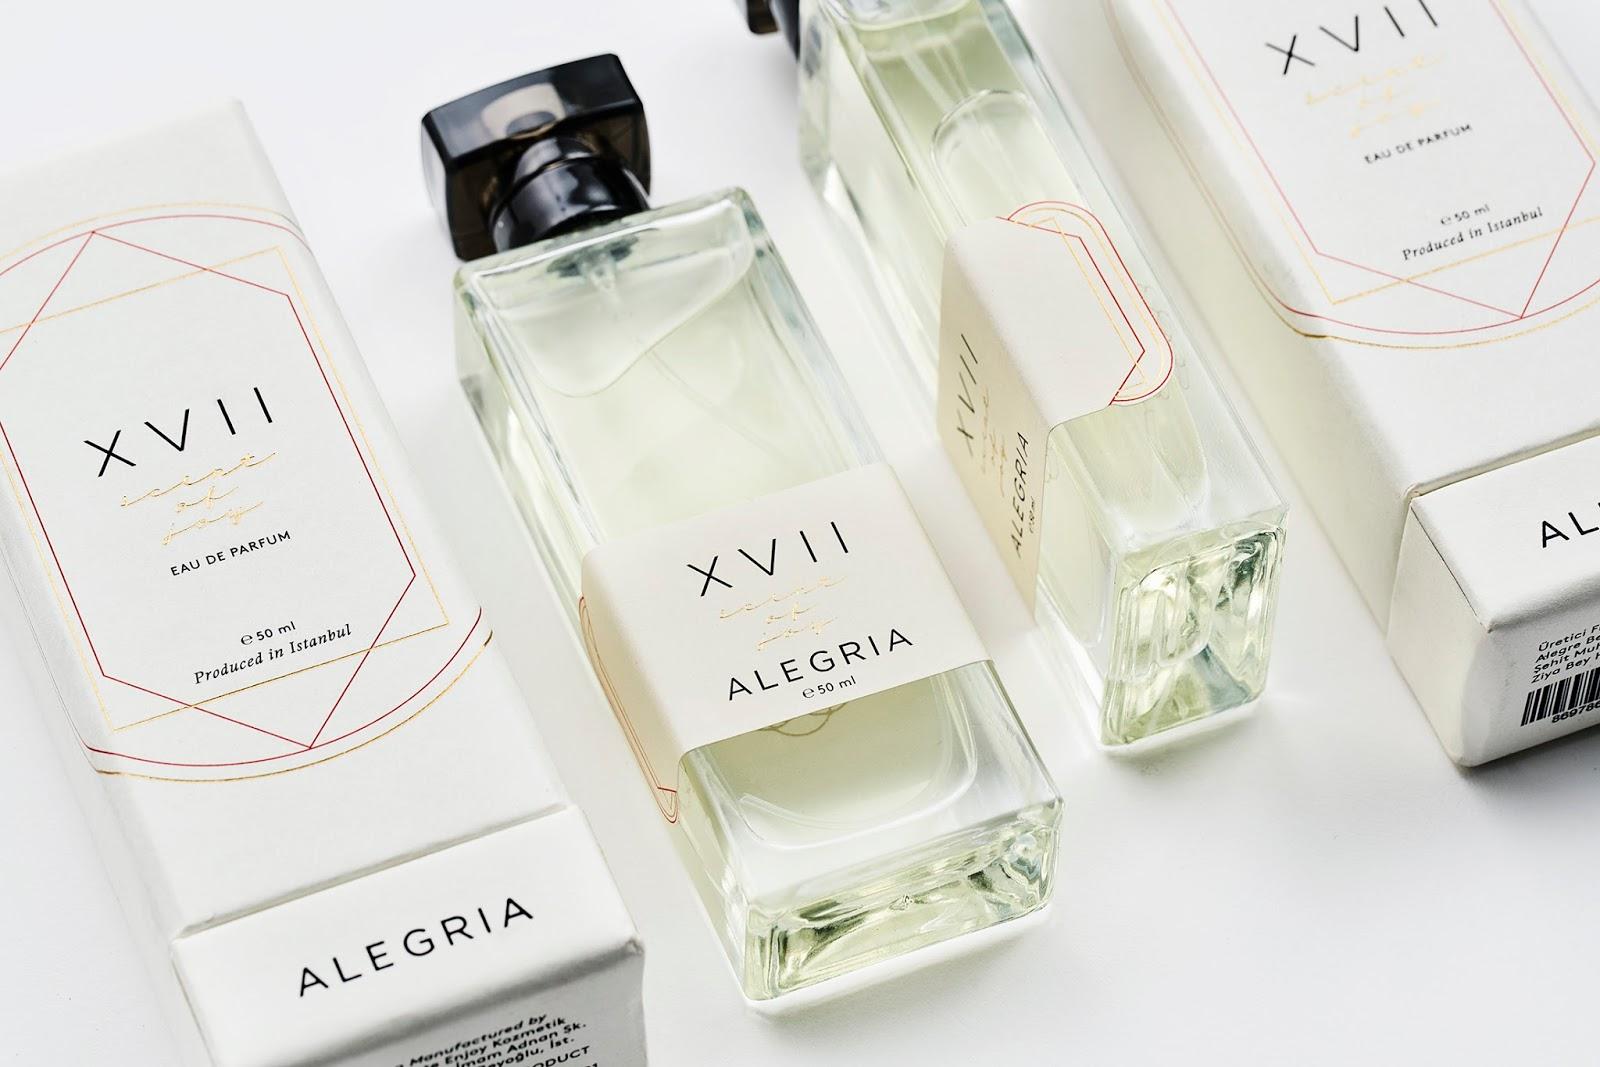 Thiết kế bao bì sản phẩm Alegria XVII